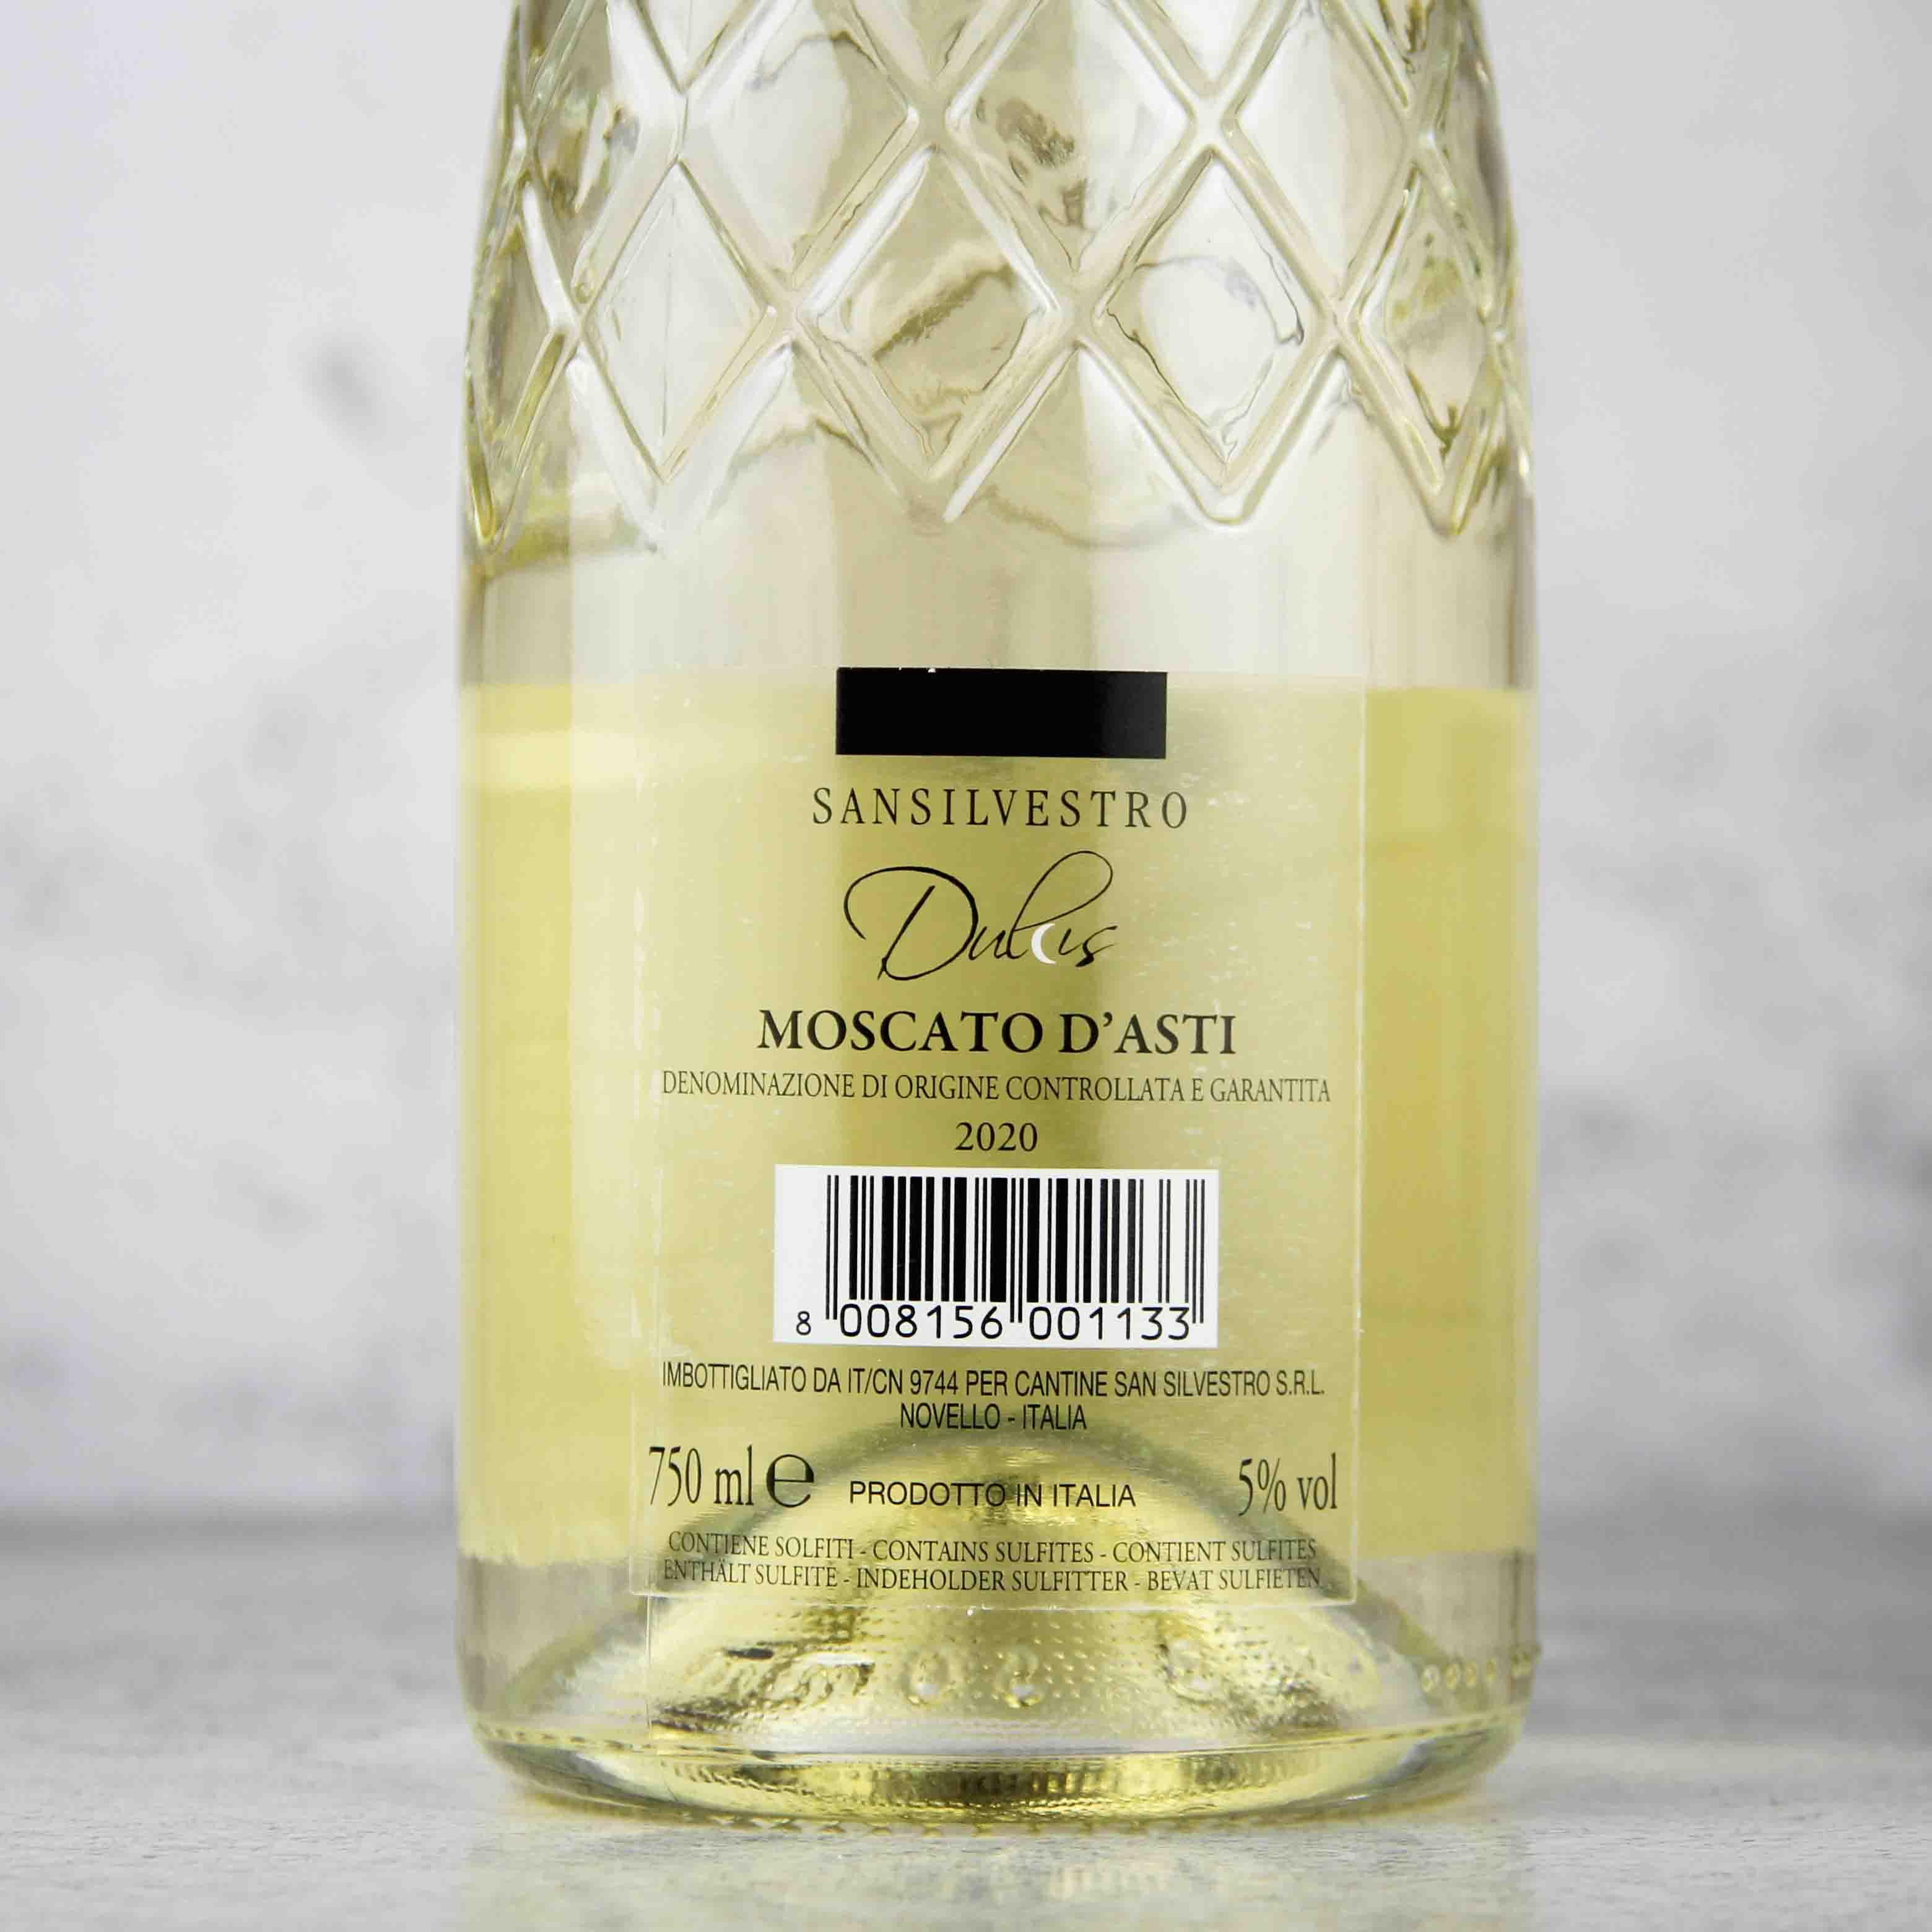 意大利皮埃蒙特阿斯都莫斯卡多白葡萄酒